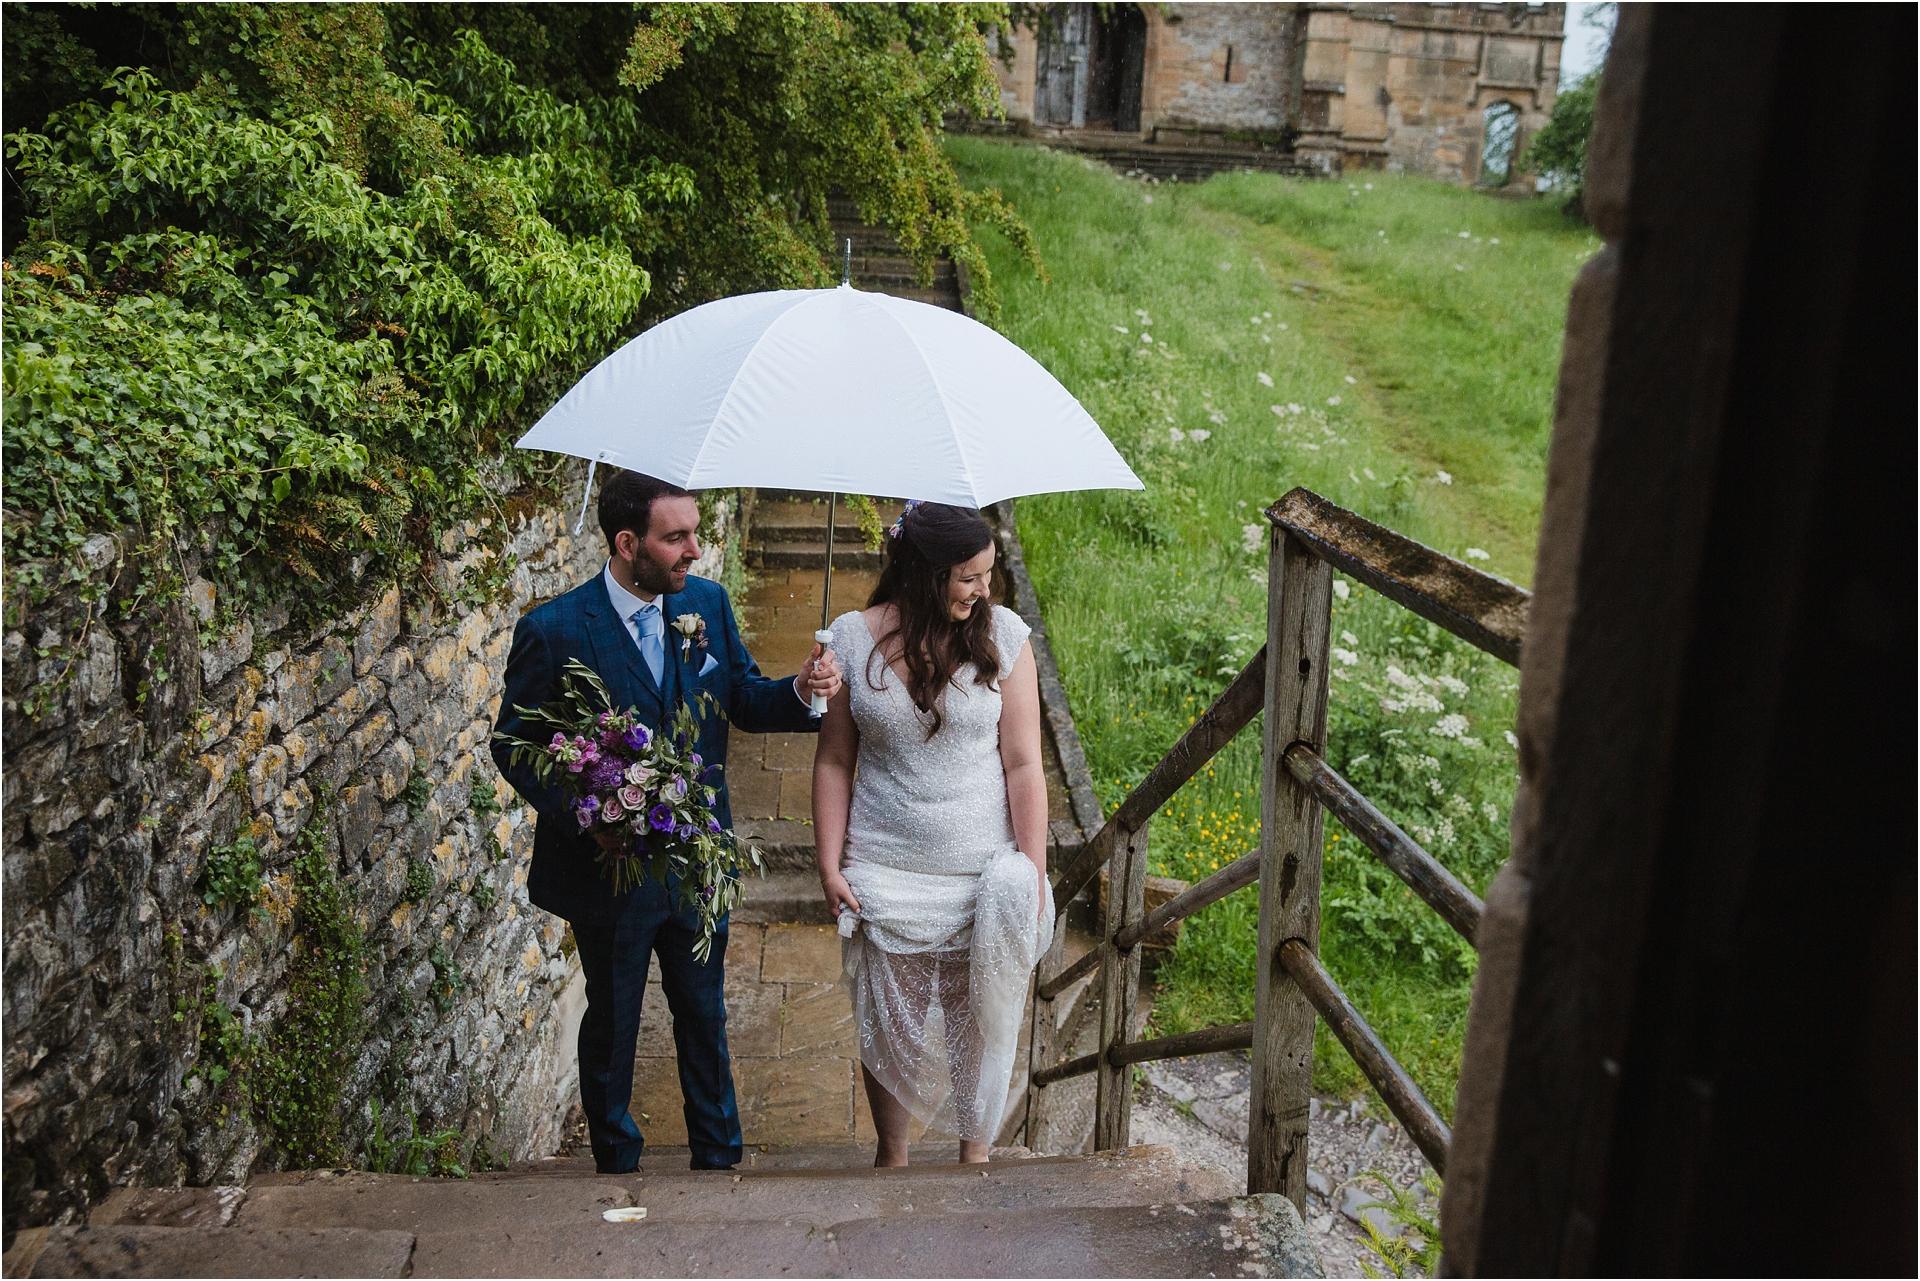 Rainy wedding at Haddon Hall